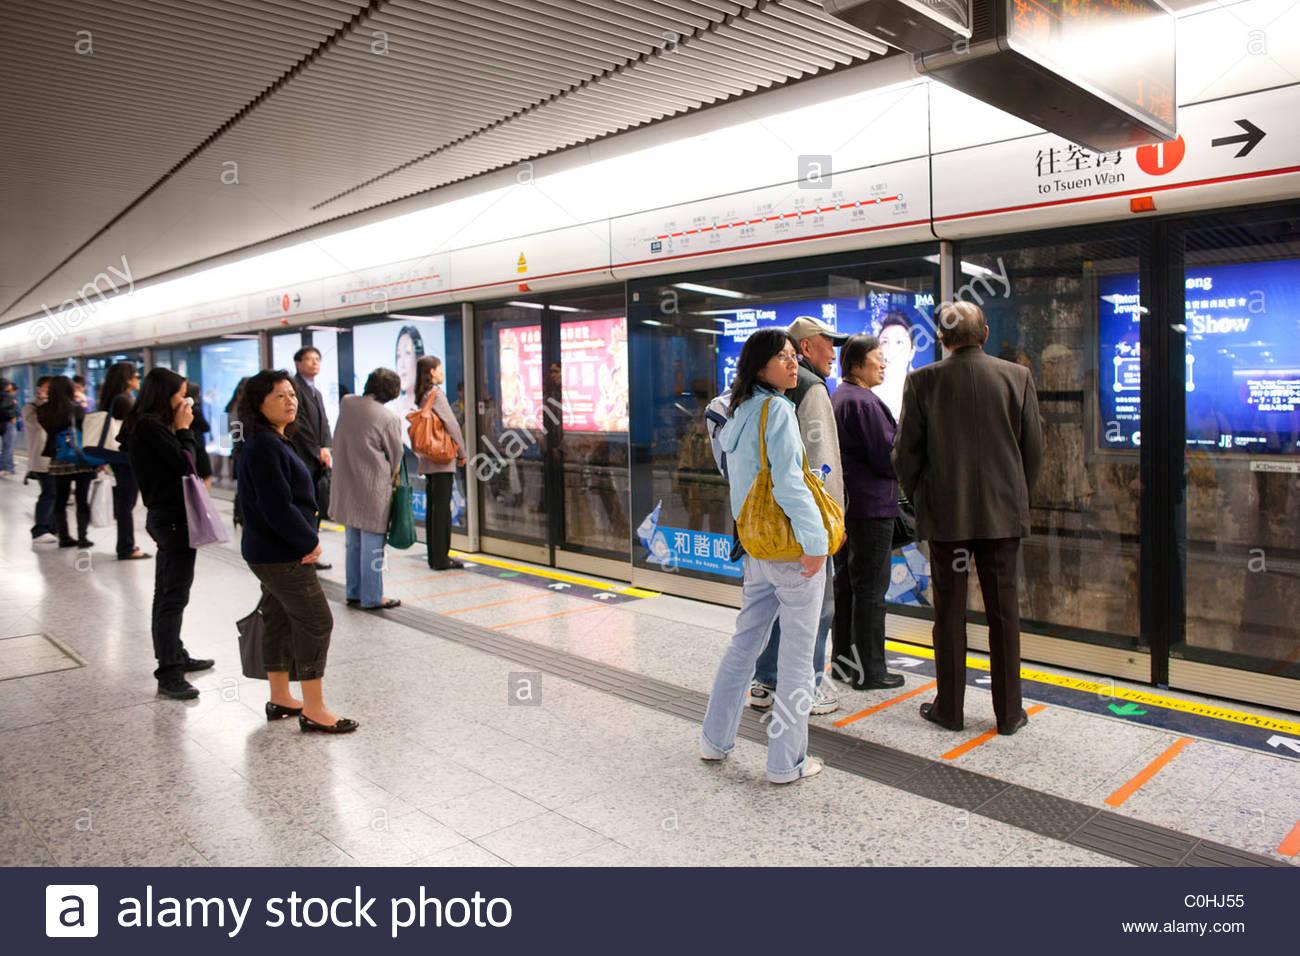 Subway station at Hong Kong, China - Stock Image